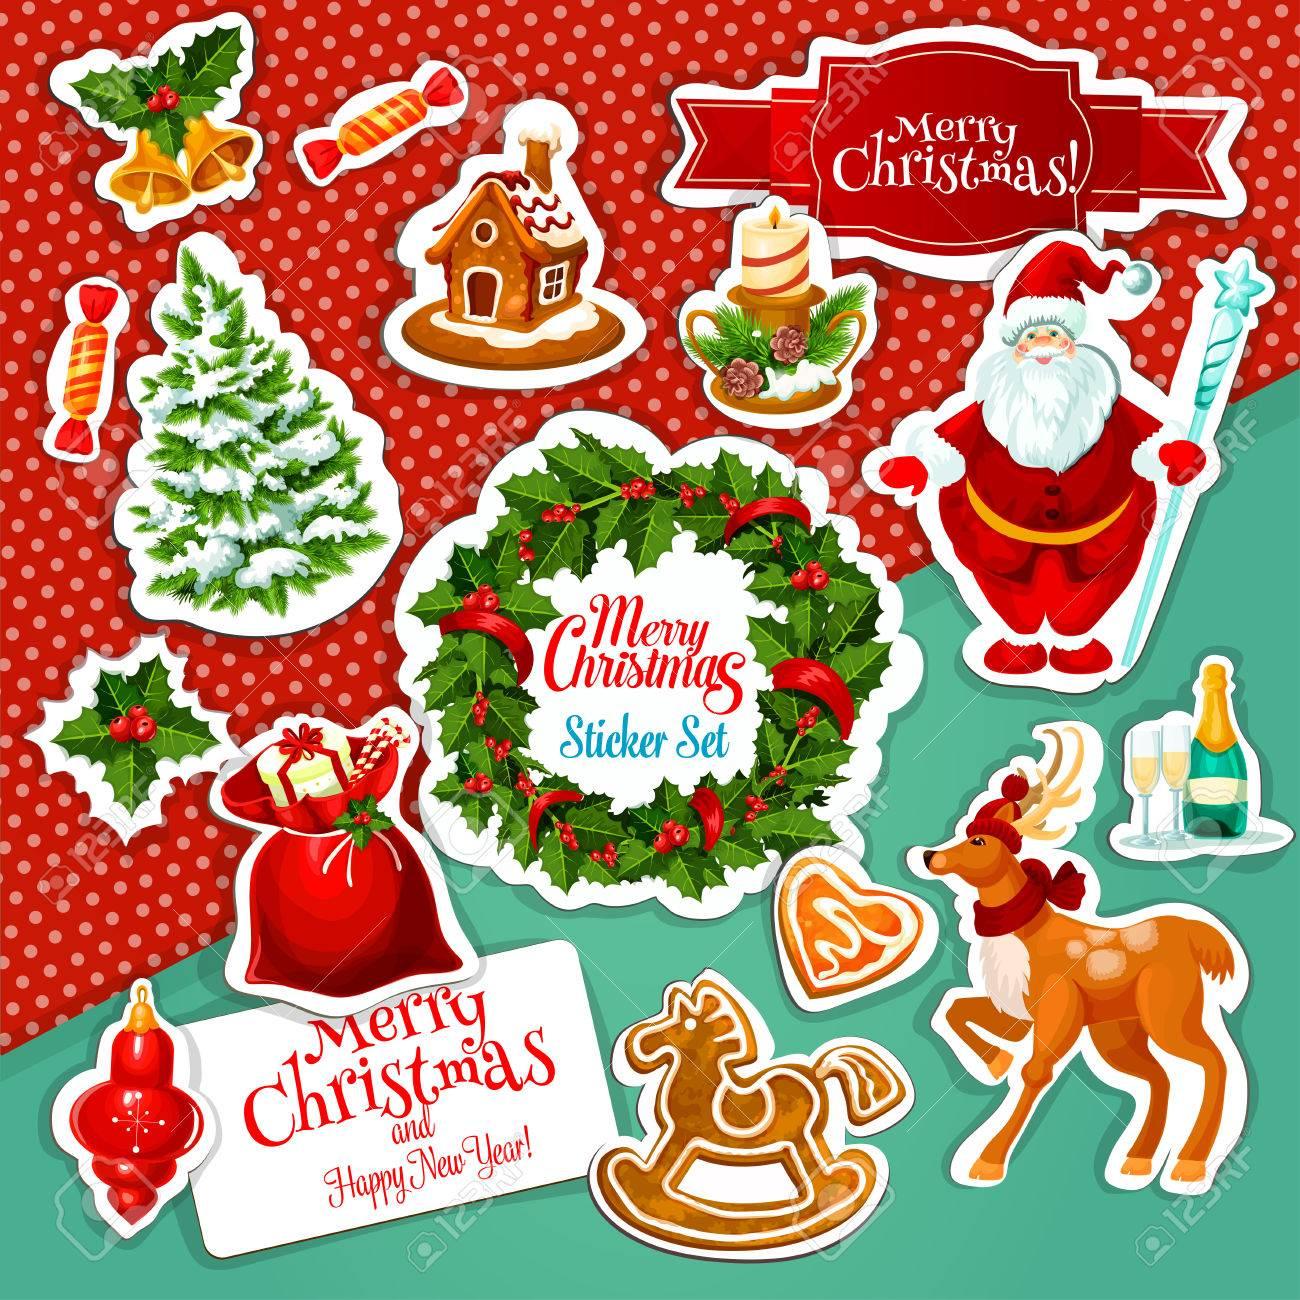 ea5e9bdfa7 Autocollant De Vacances De Noël Avec Père Noël, Sac Cadeau Avec Présent,  Canne En Bonbon, Couronne De Baies De Houx Avec Ruban Et Cloche, Pin,  Bougie, ...